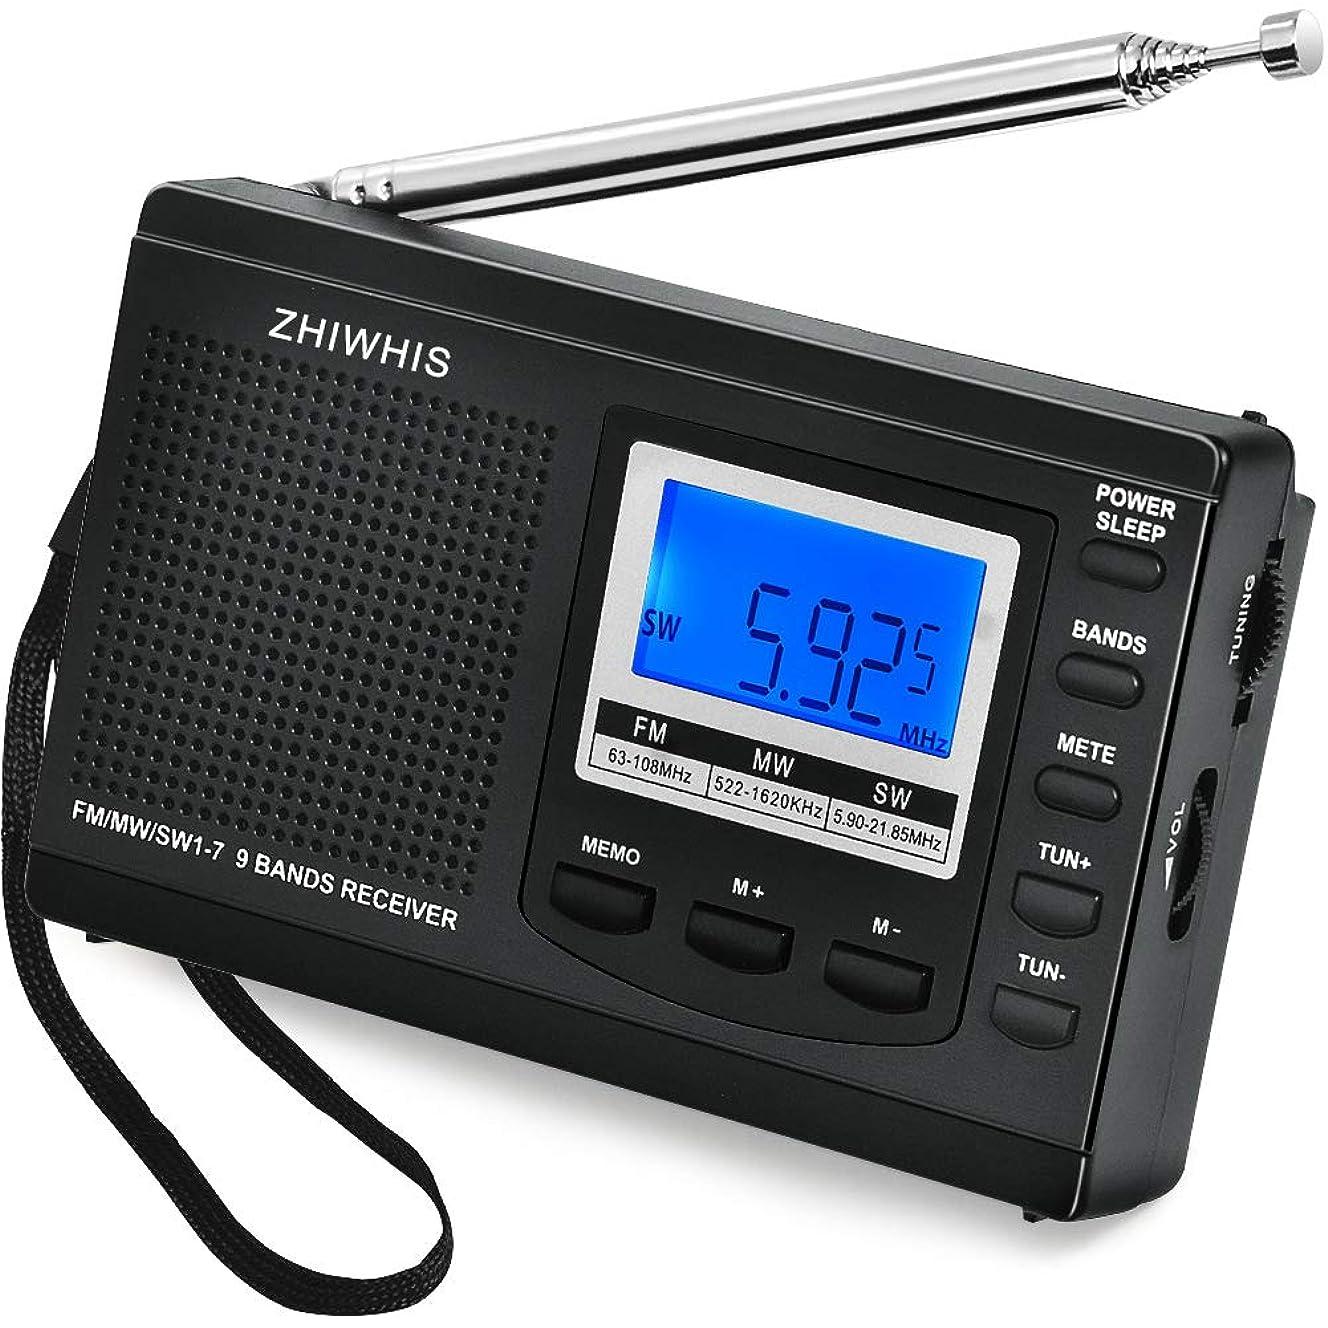 用心する百年芝生ソニー SONY クロックラジオ ICF-C1 : FM/AM/ワイドFM対応 おやすみタイマー ホワイト ICF-C1 W